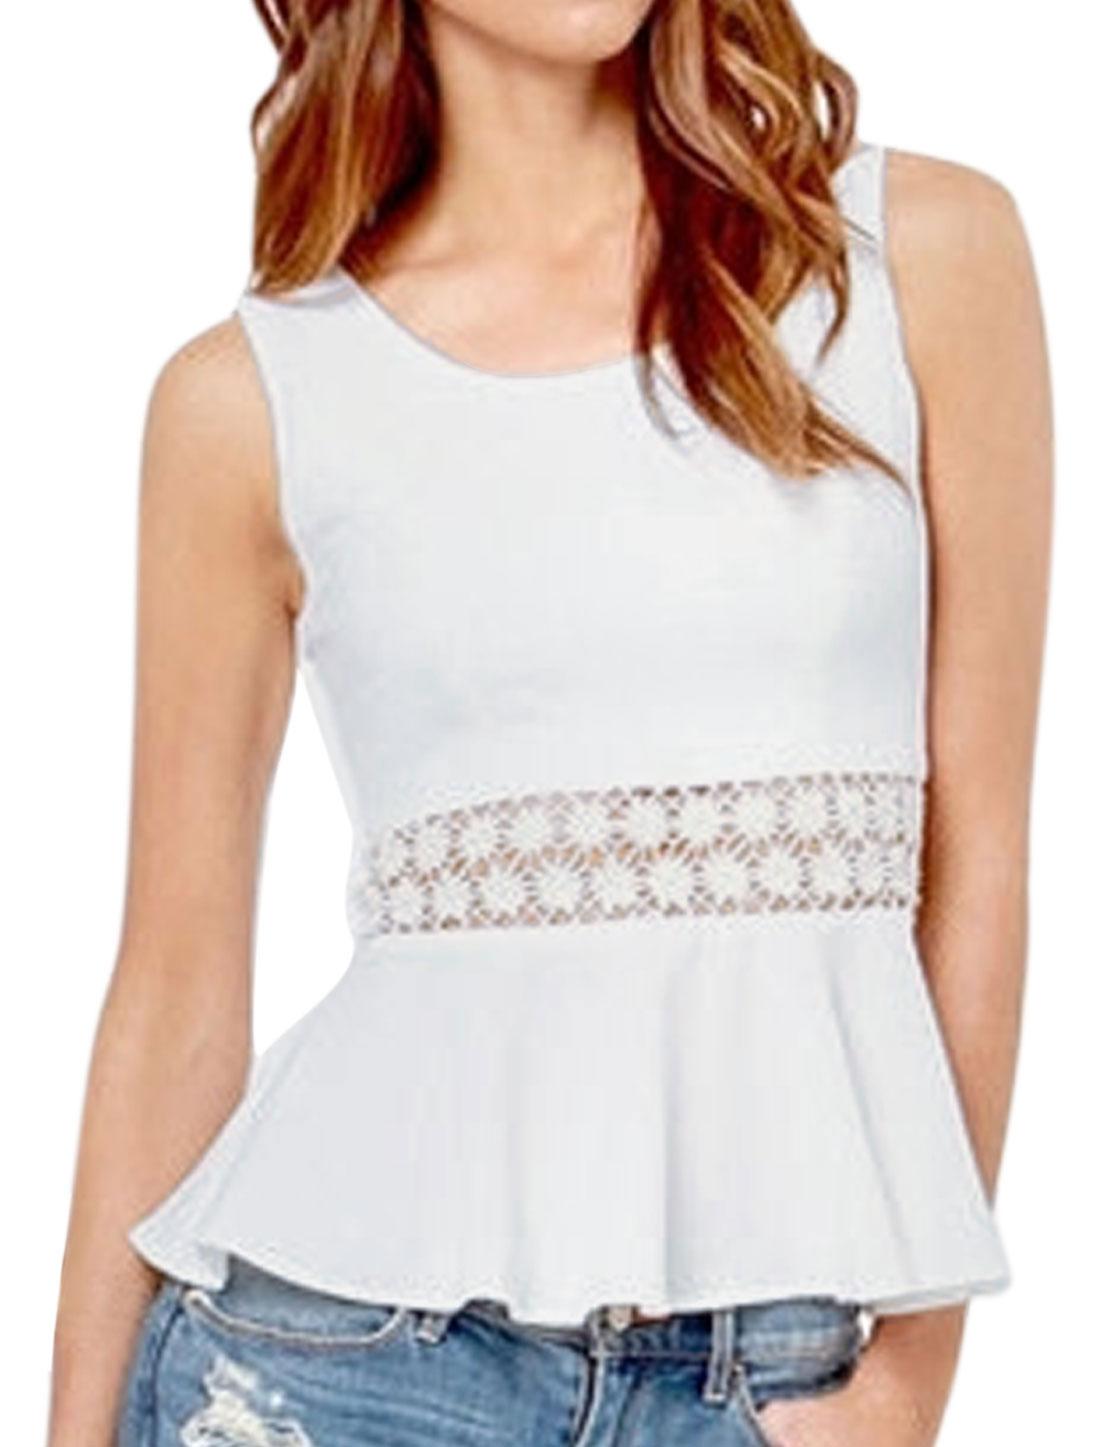 Women Round Neck Sleeveless Crochet Peplum Tops White S